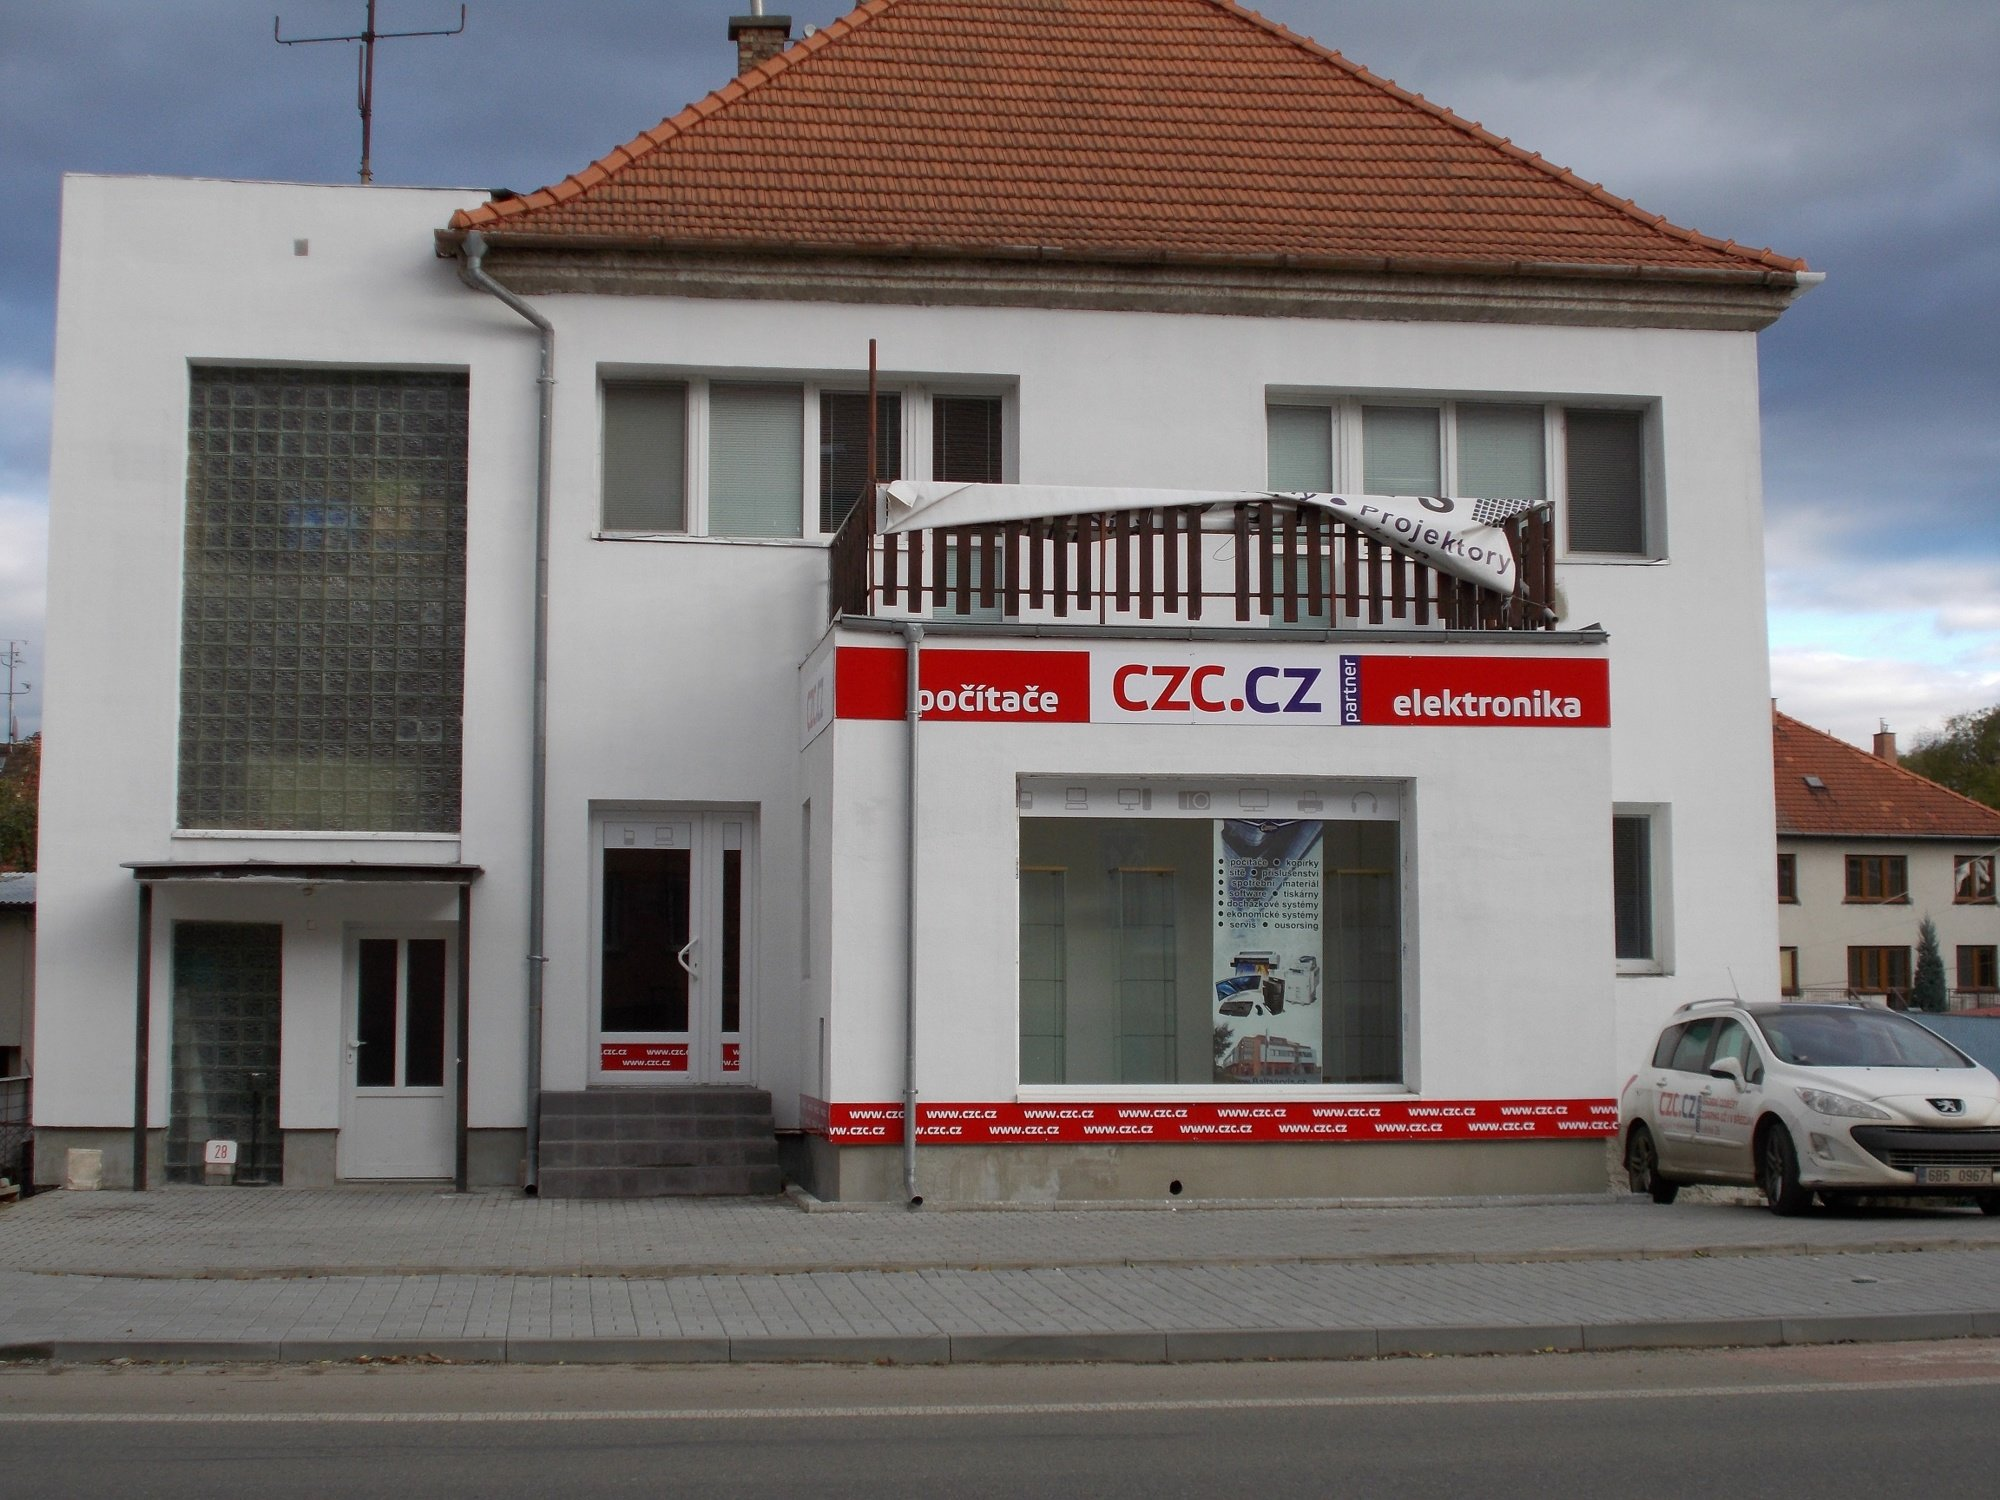 pobočka CZC.CZ